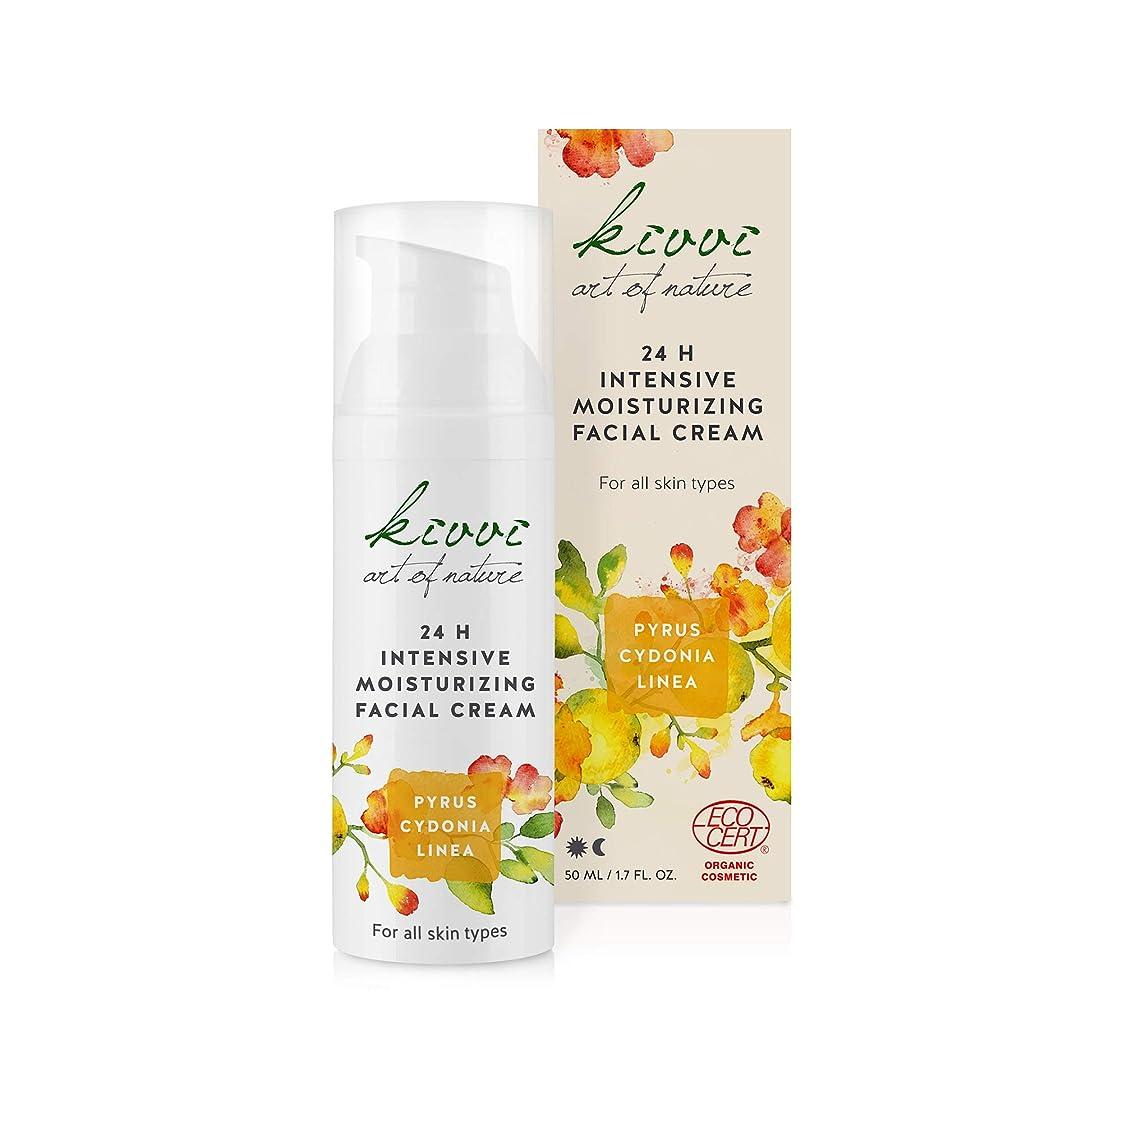 暖かさ蜂うめき70443 ピルスサイドニア、モイスチャライジングクリーム 50ml【Kivvi Cosmetics(キヴィ コスメティクス)】